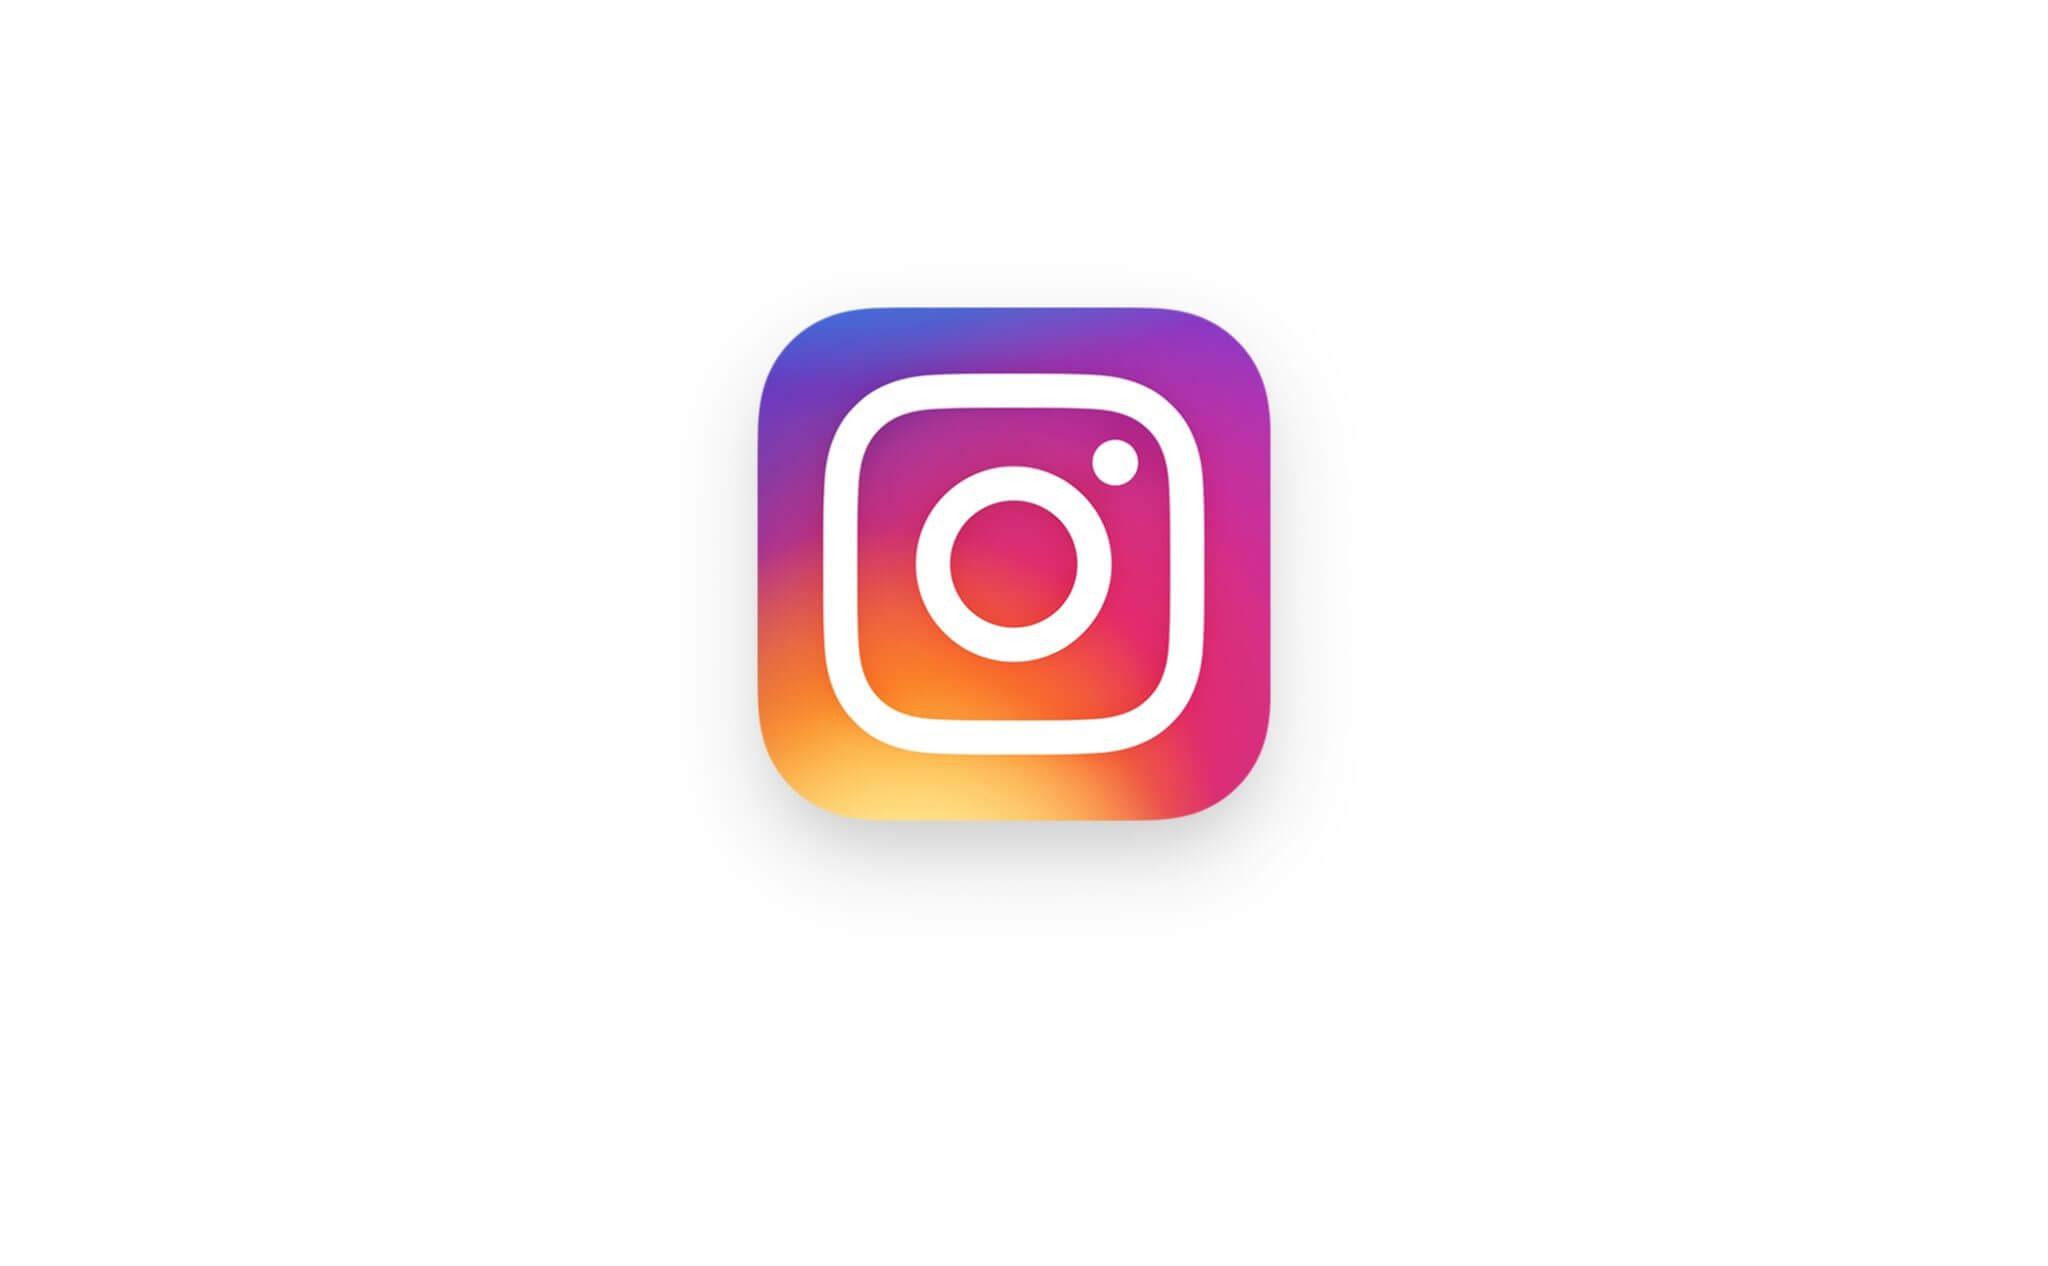 Instagram AppIcon - Instagram usará IAs para bloquear spam e comentários ofensivos